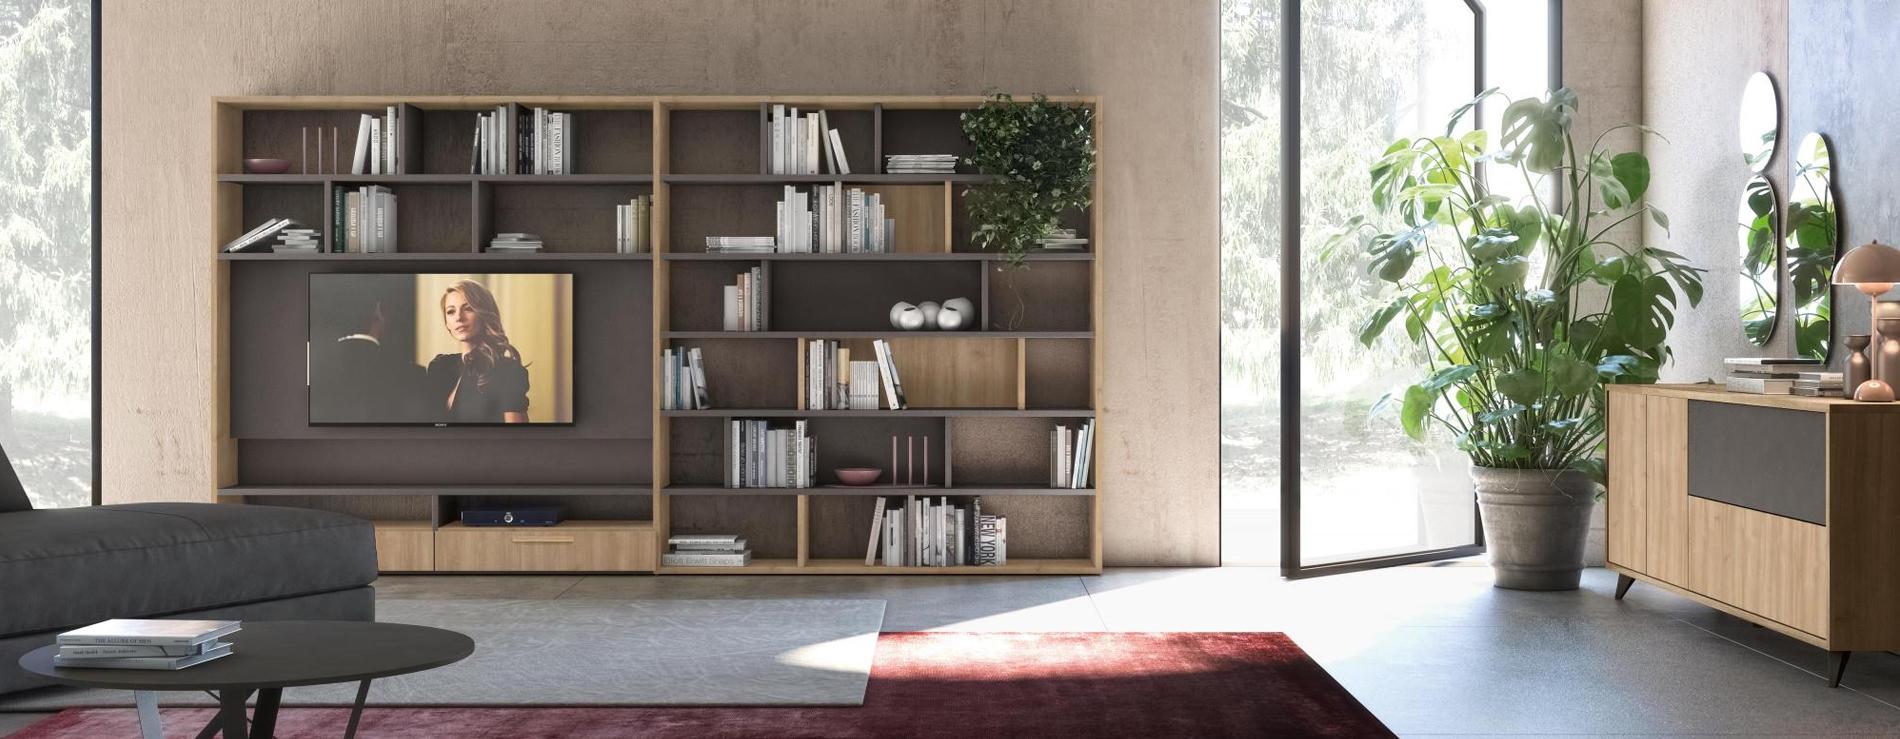 Librerie - Mobili soggiorno - Centro Mobili - Godiasco Salice Terme